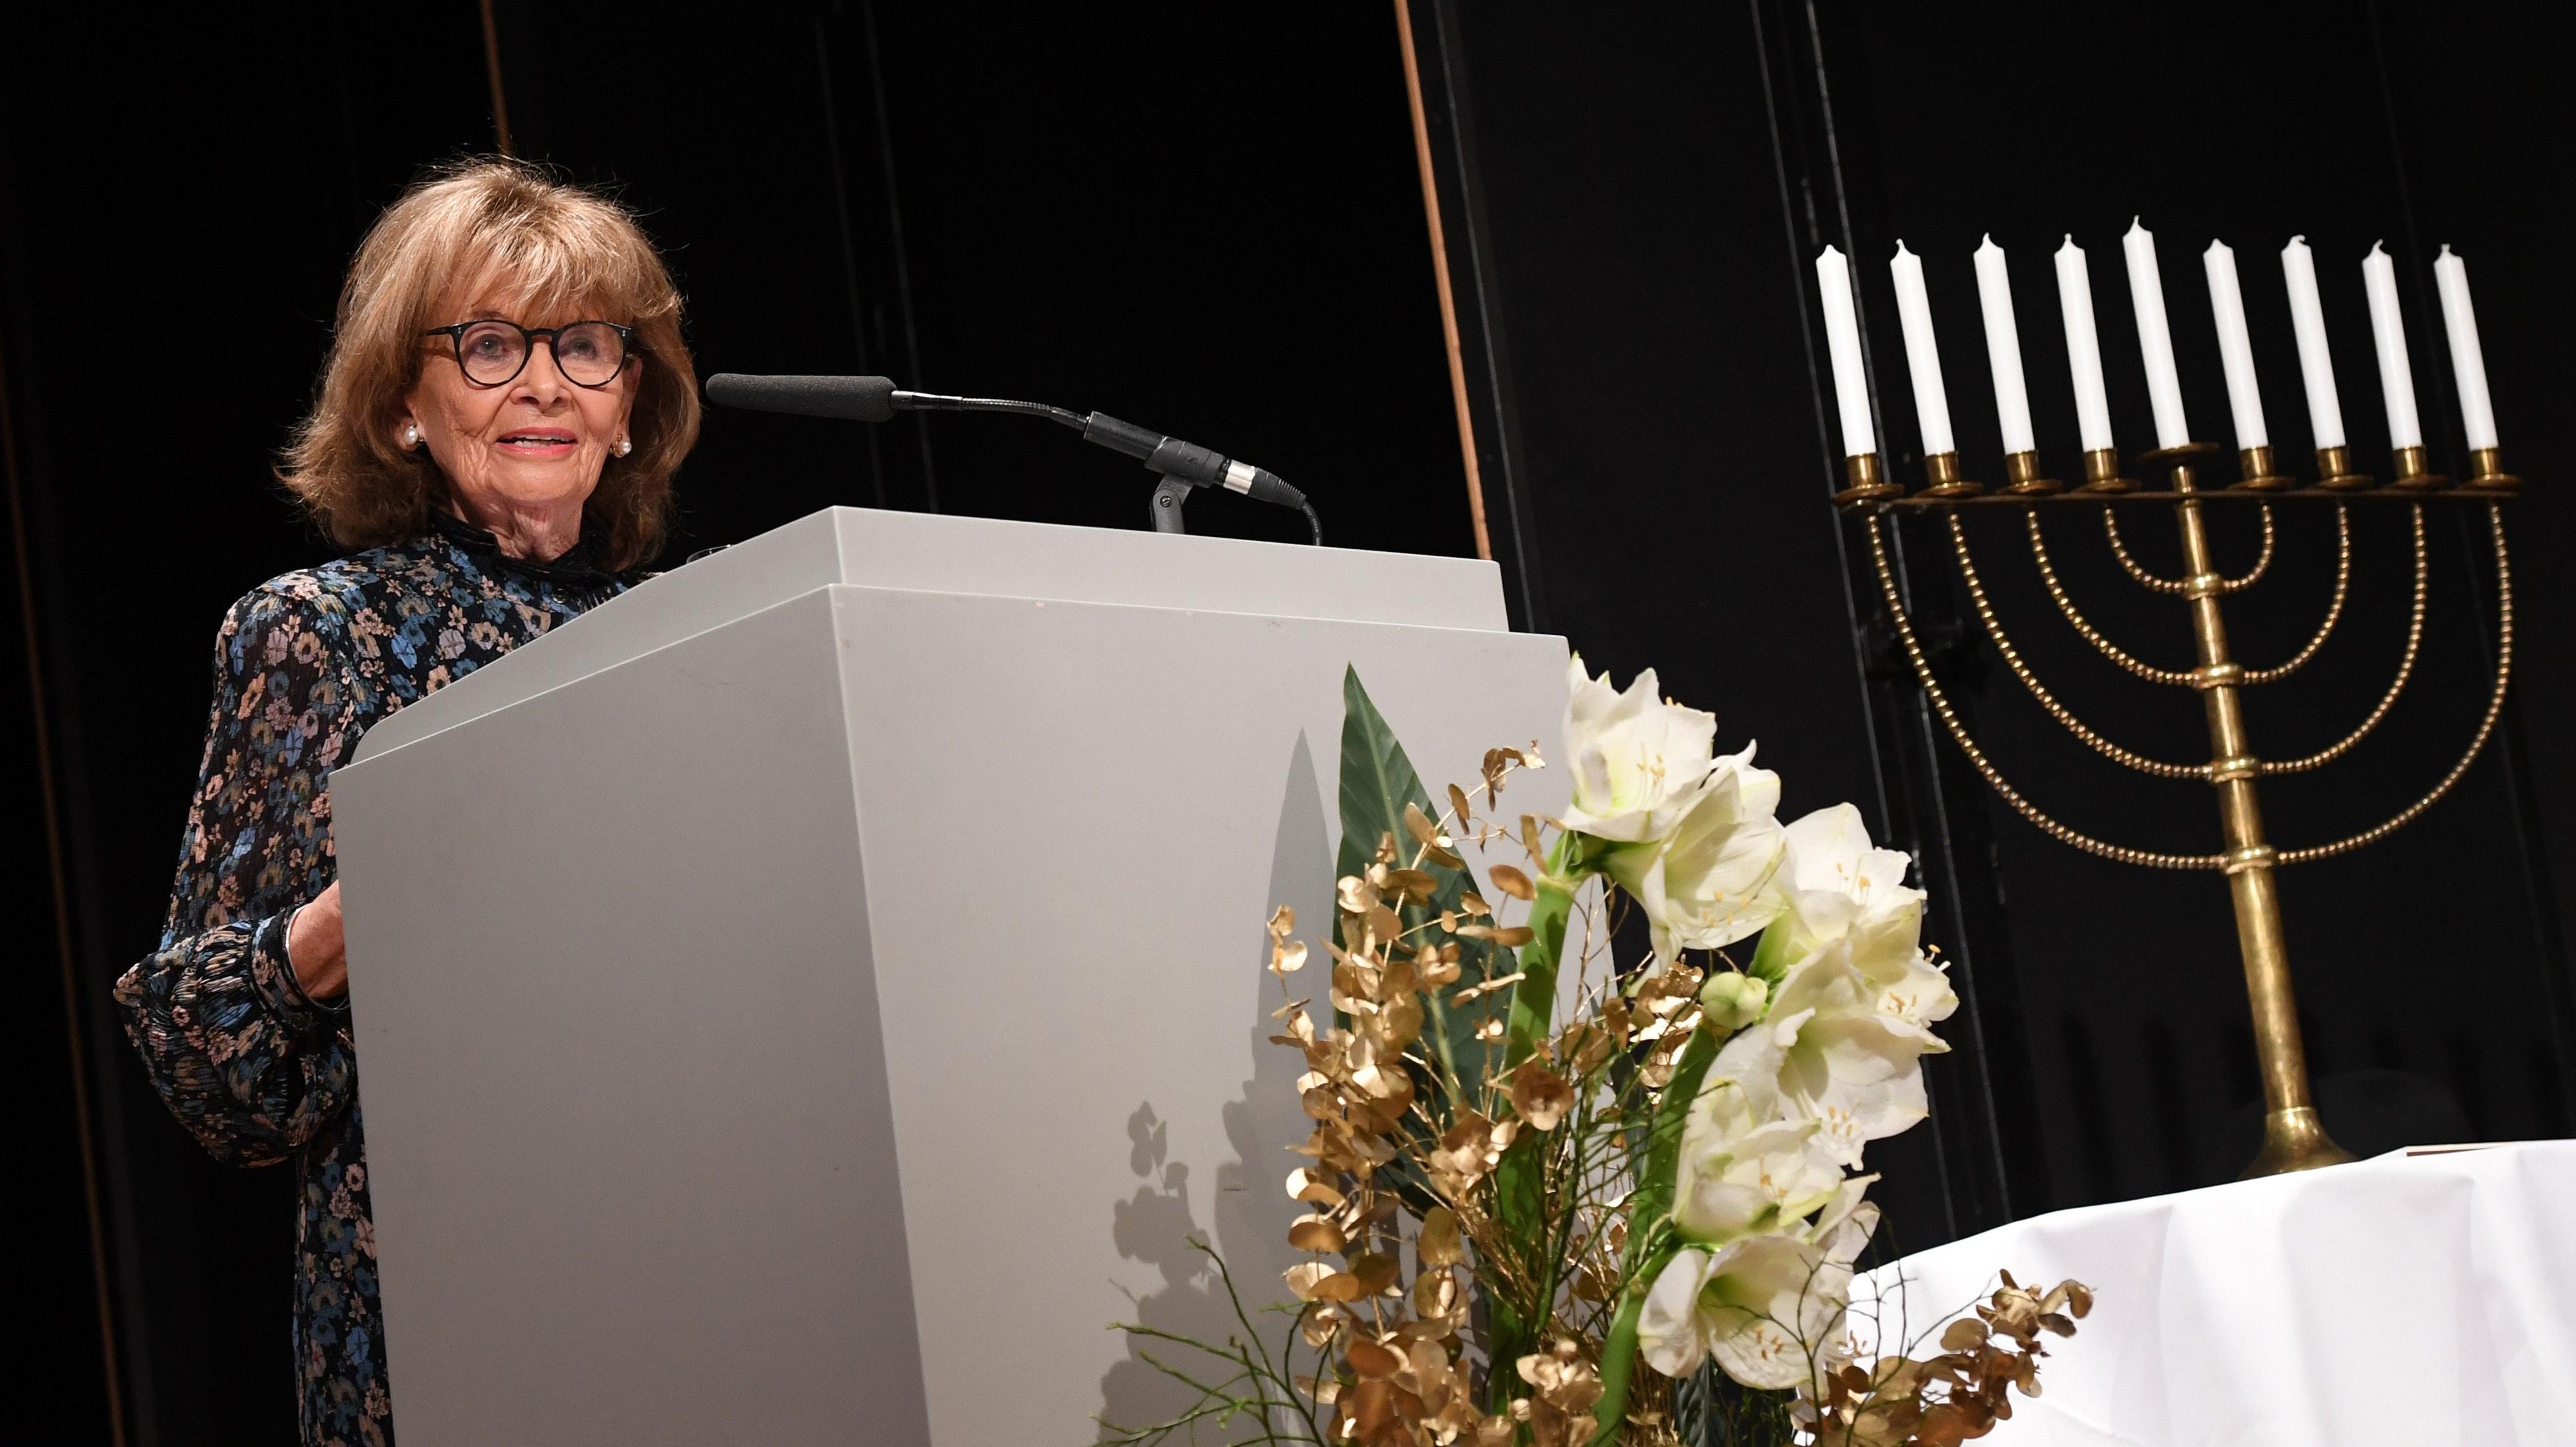 Zählt zu den bekanntesten Zeitzeugen Deutschlands: Charlotte Knobloch. Sie ist Präsidentin der Israelitischen Kultusgemeinde München und Oberbayern. Foto: dpa/Warmuth